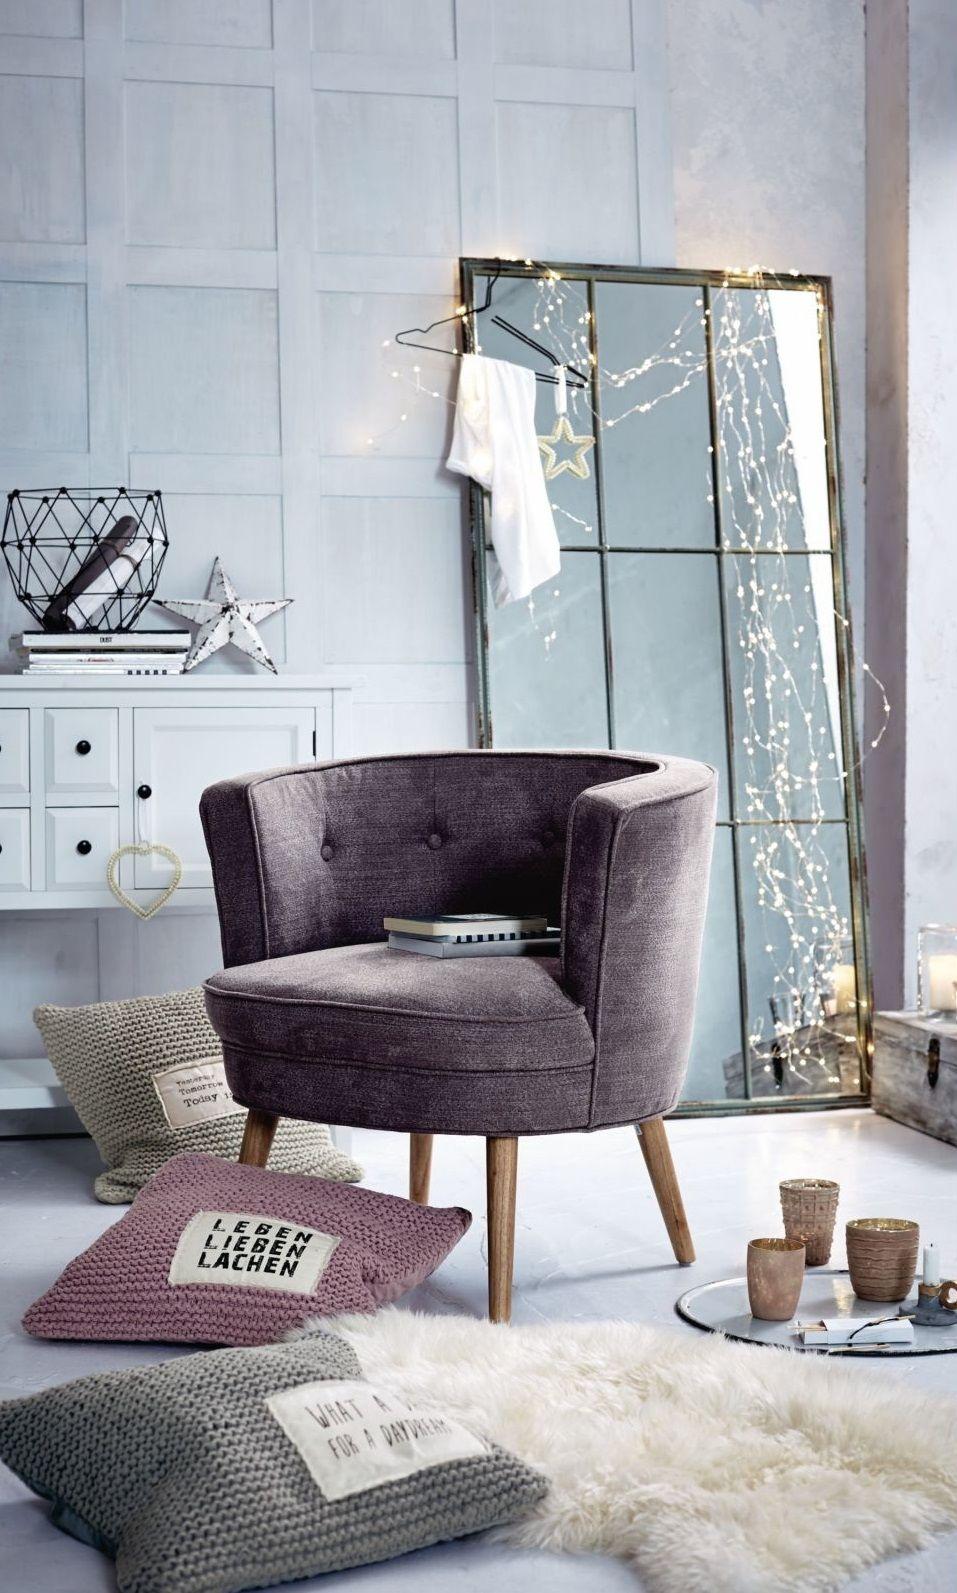 Spiegel Dekorationsartikel Einrichtungsideen Schlafzimmer